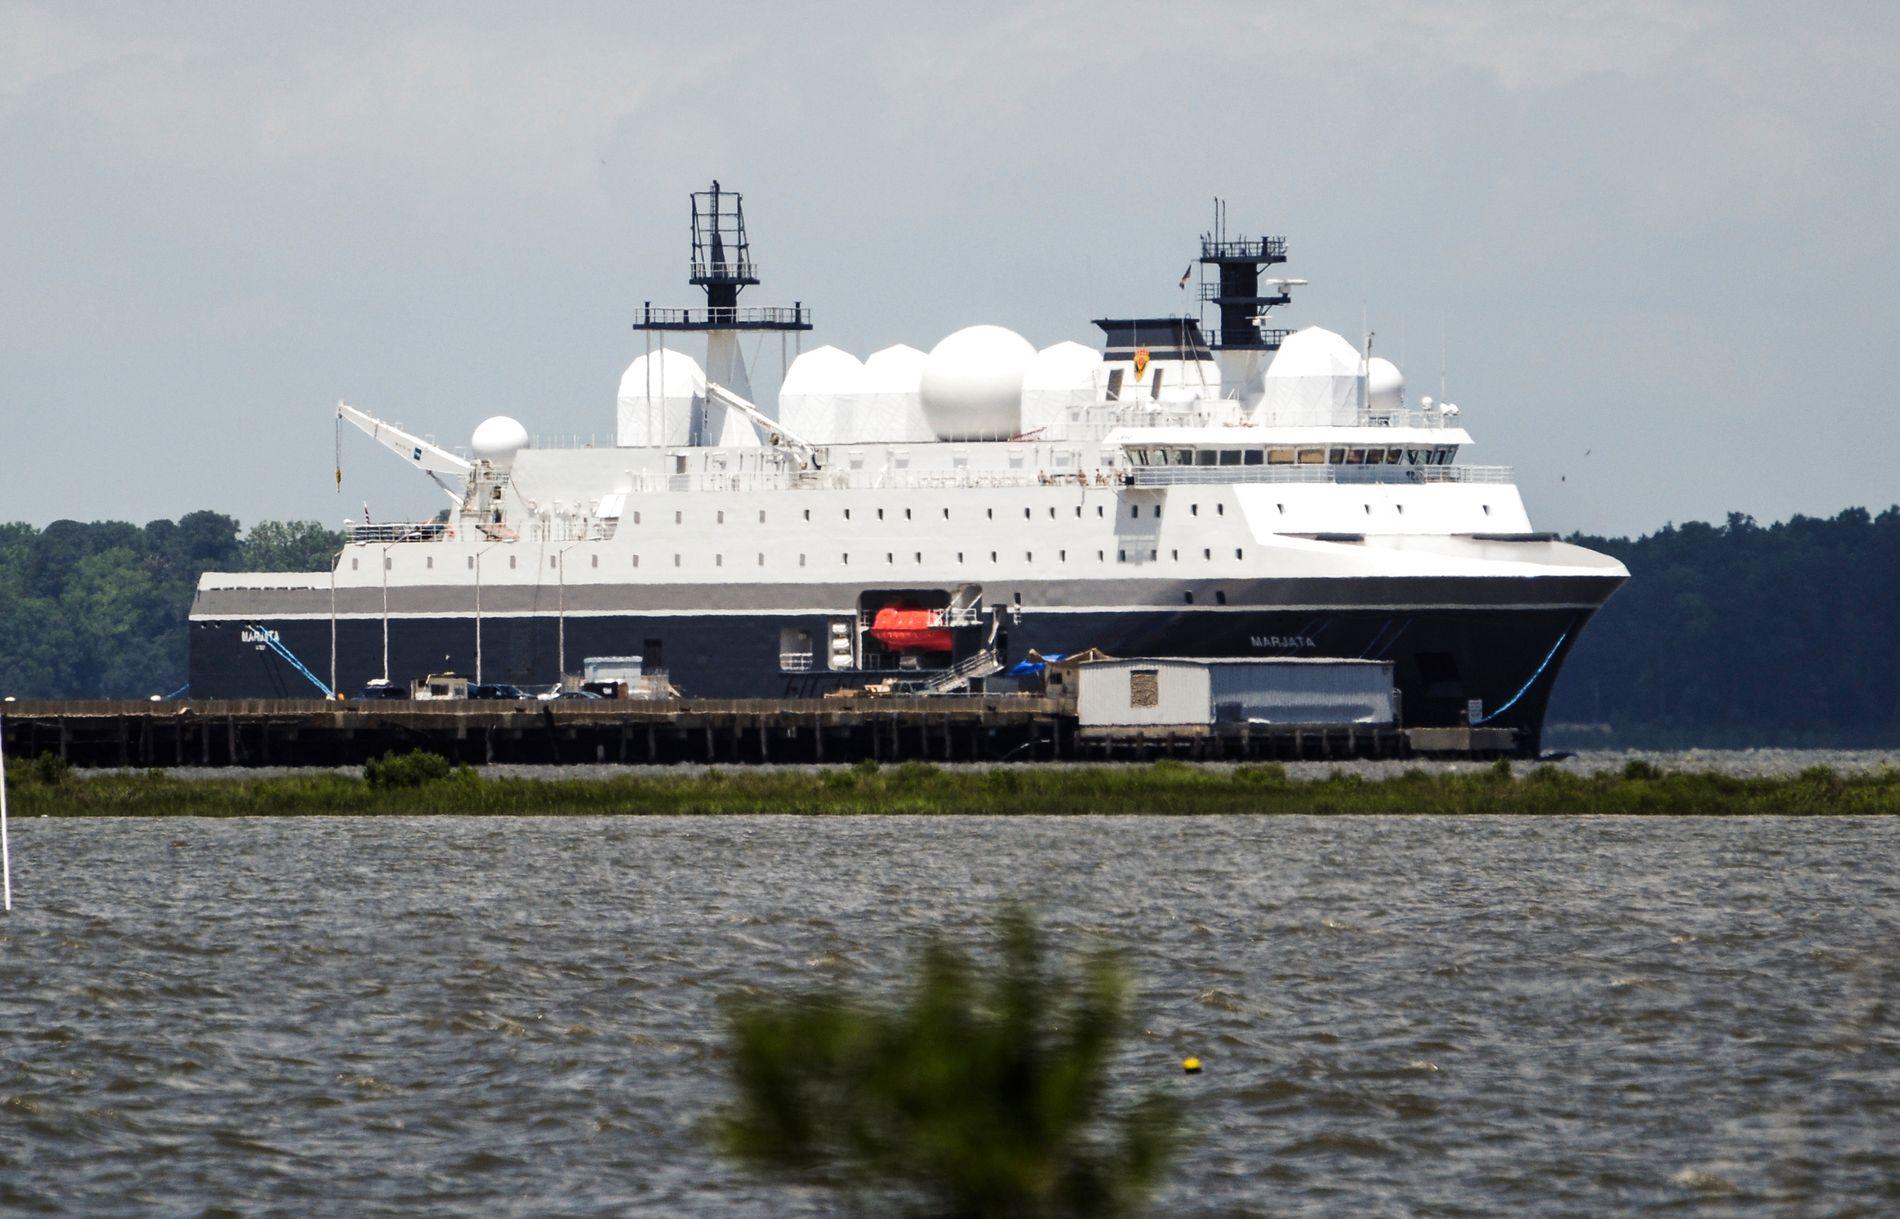 USA-ØNSKET: Norges nye overvåkningsskip «Marjata» fotografert på York-elven i Virginia i USA - der hun ble ustyrt ved en CIA-base. Norges etterretningsvirksomhet i Nordområdene er svært ettertraktet blant allierte.